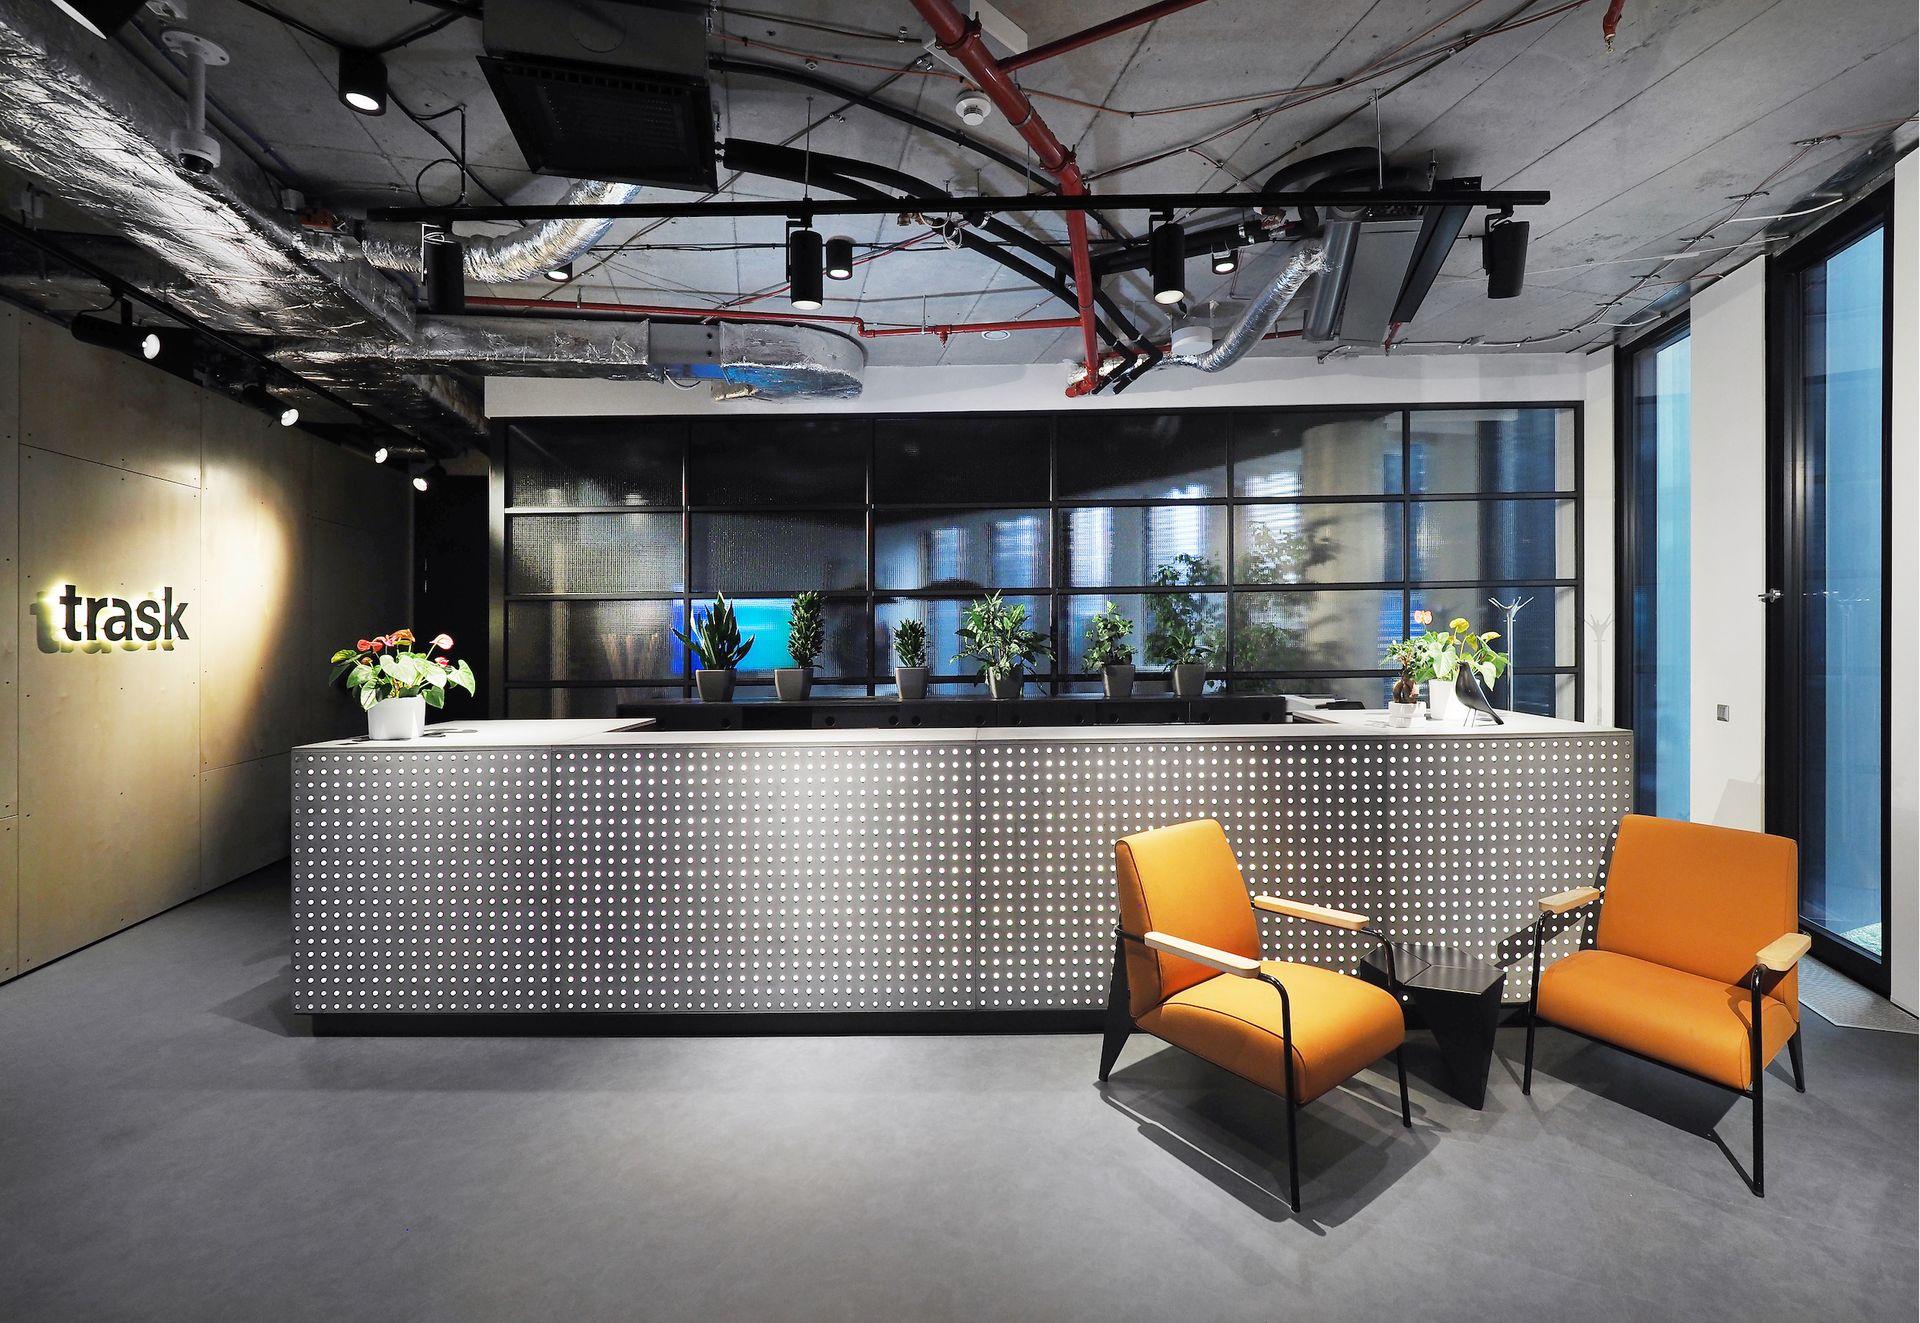 Empfangstresen und Kücheninsel, Trask Solutions, Prag